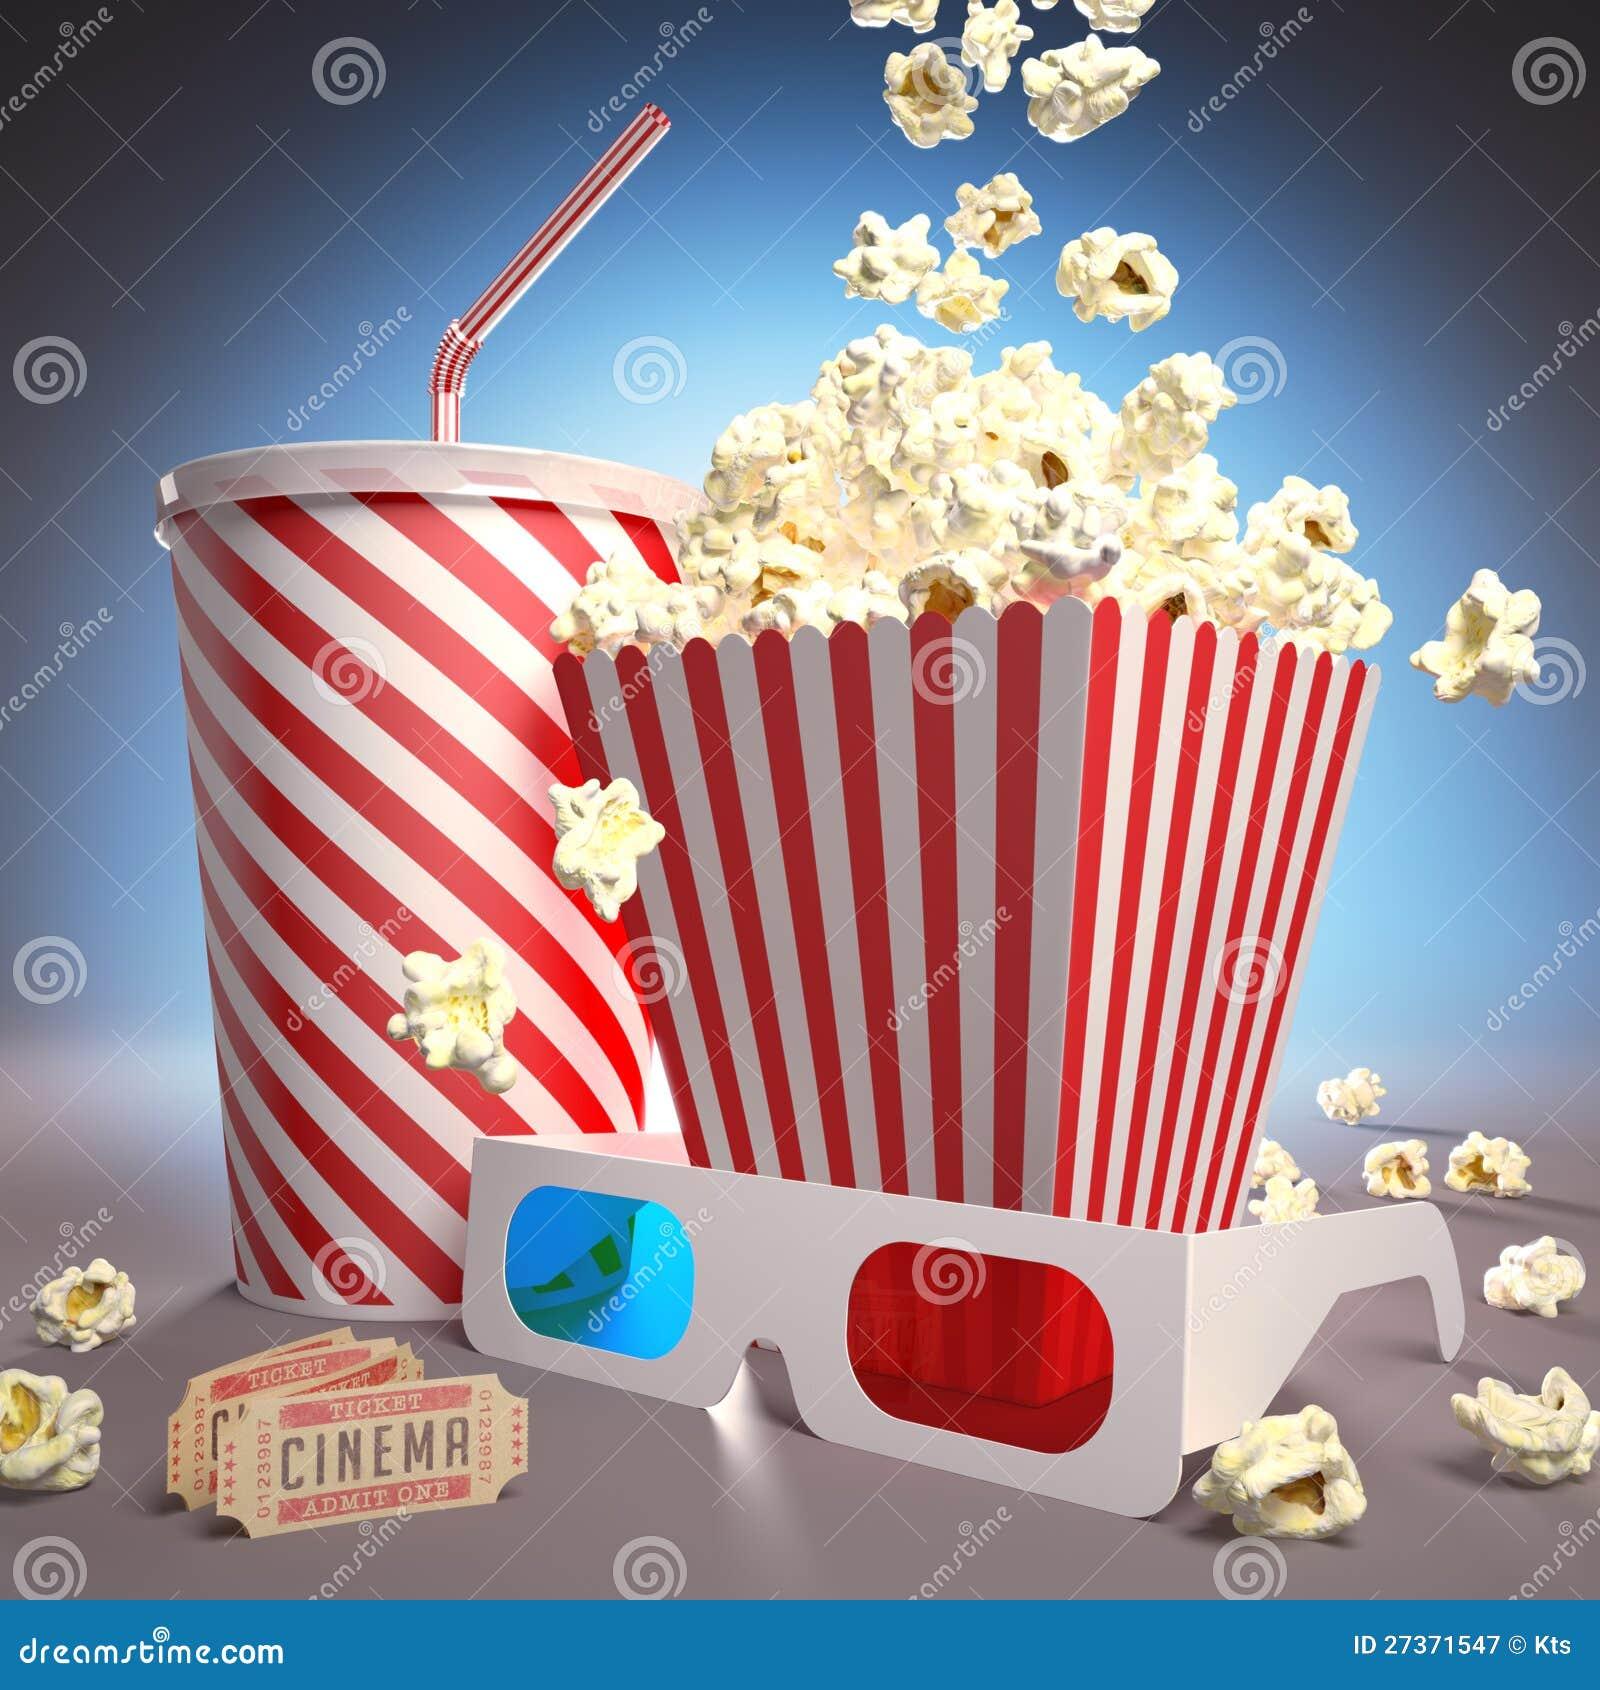 Aliste para el cine